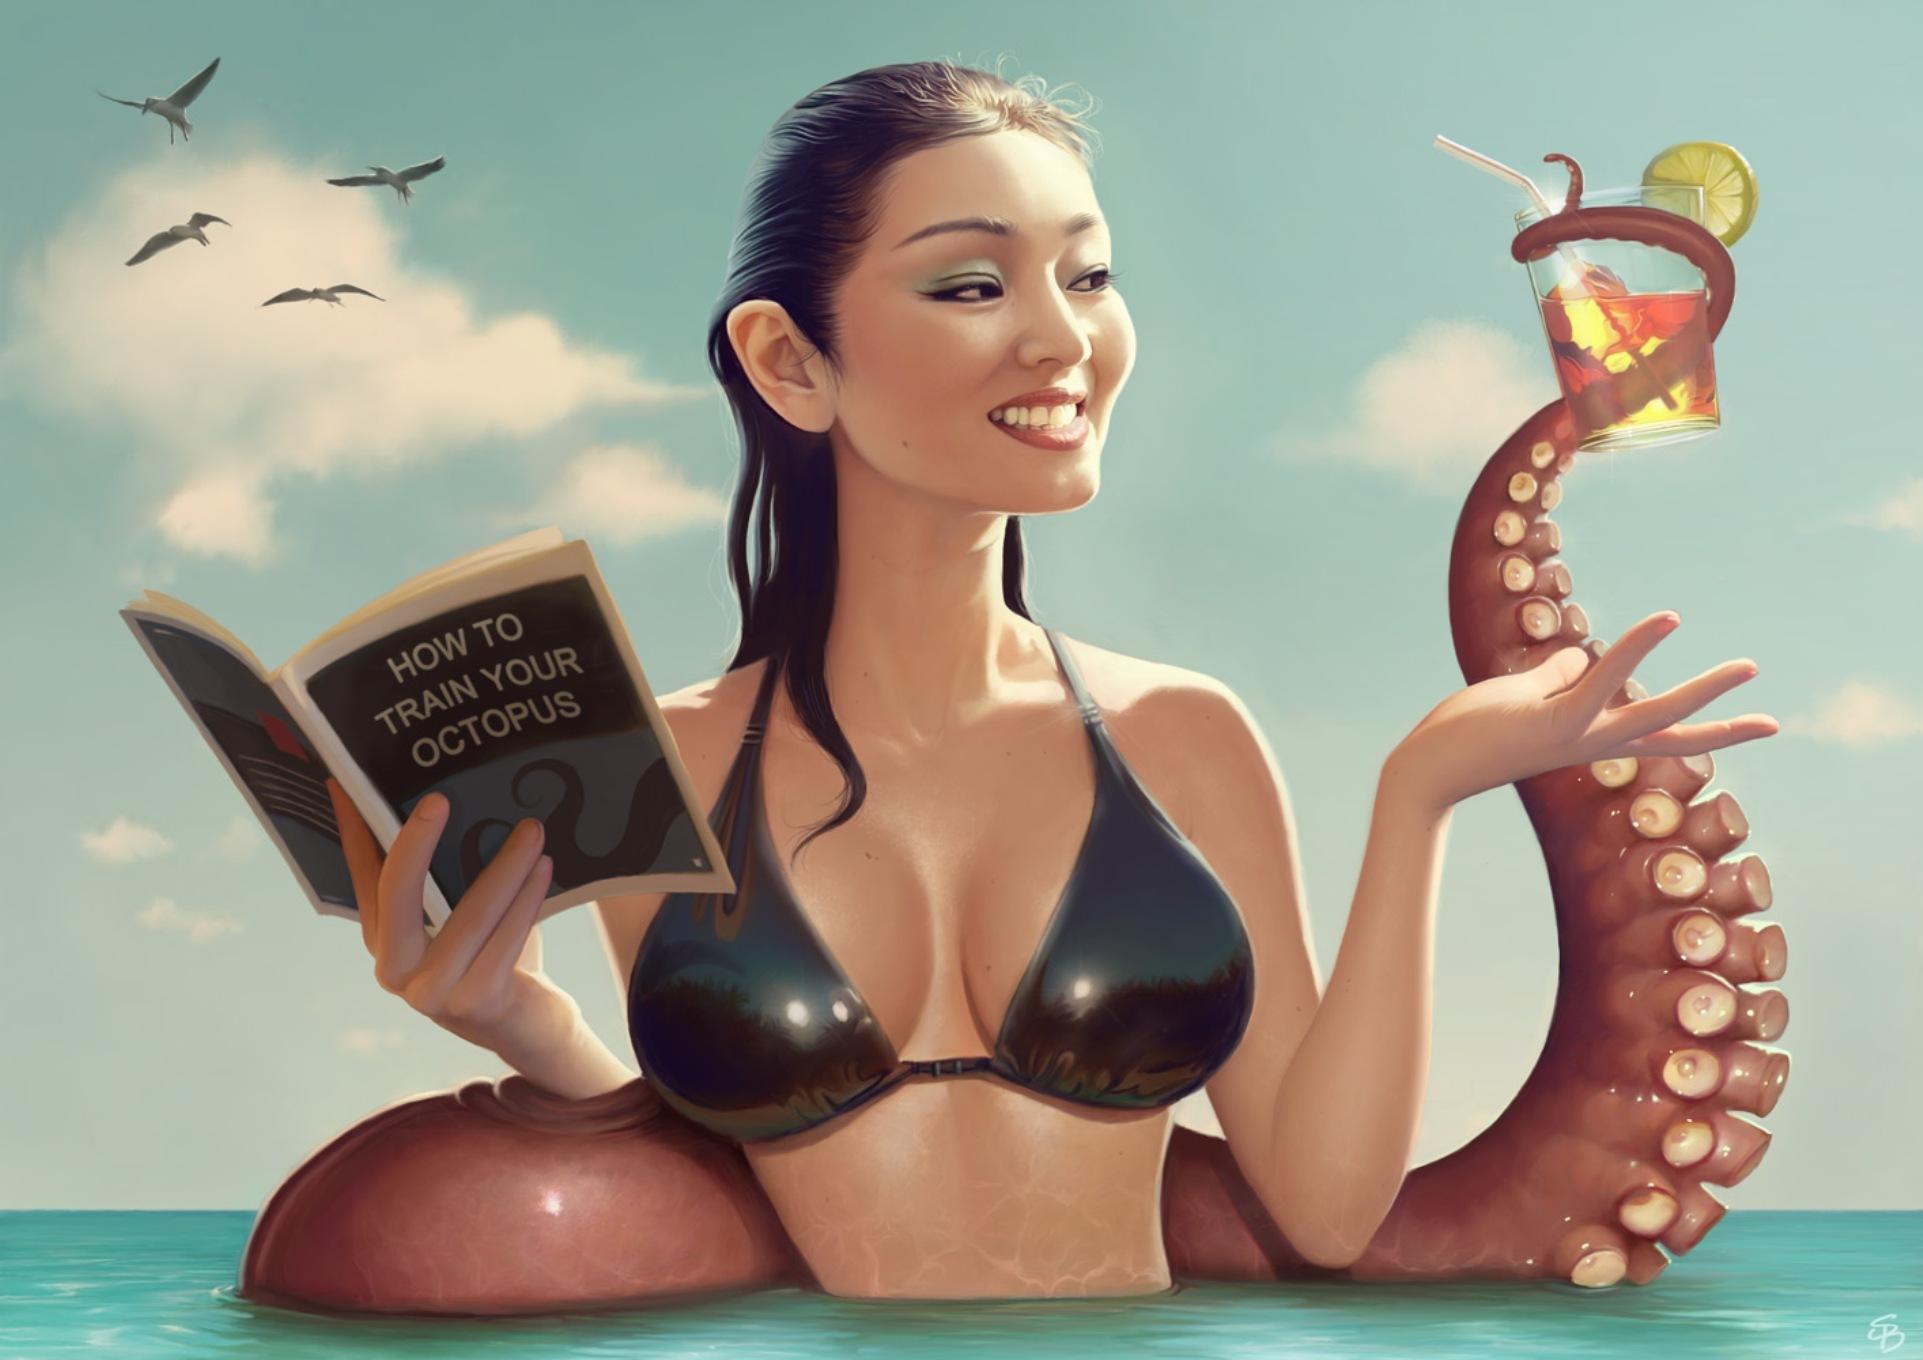 Сексуальные образы в иллюстрации художников 12 фотография